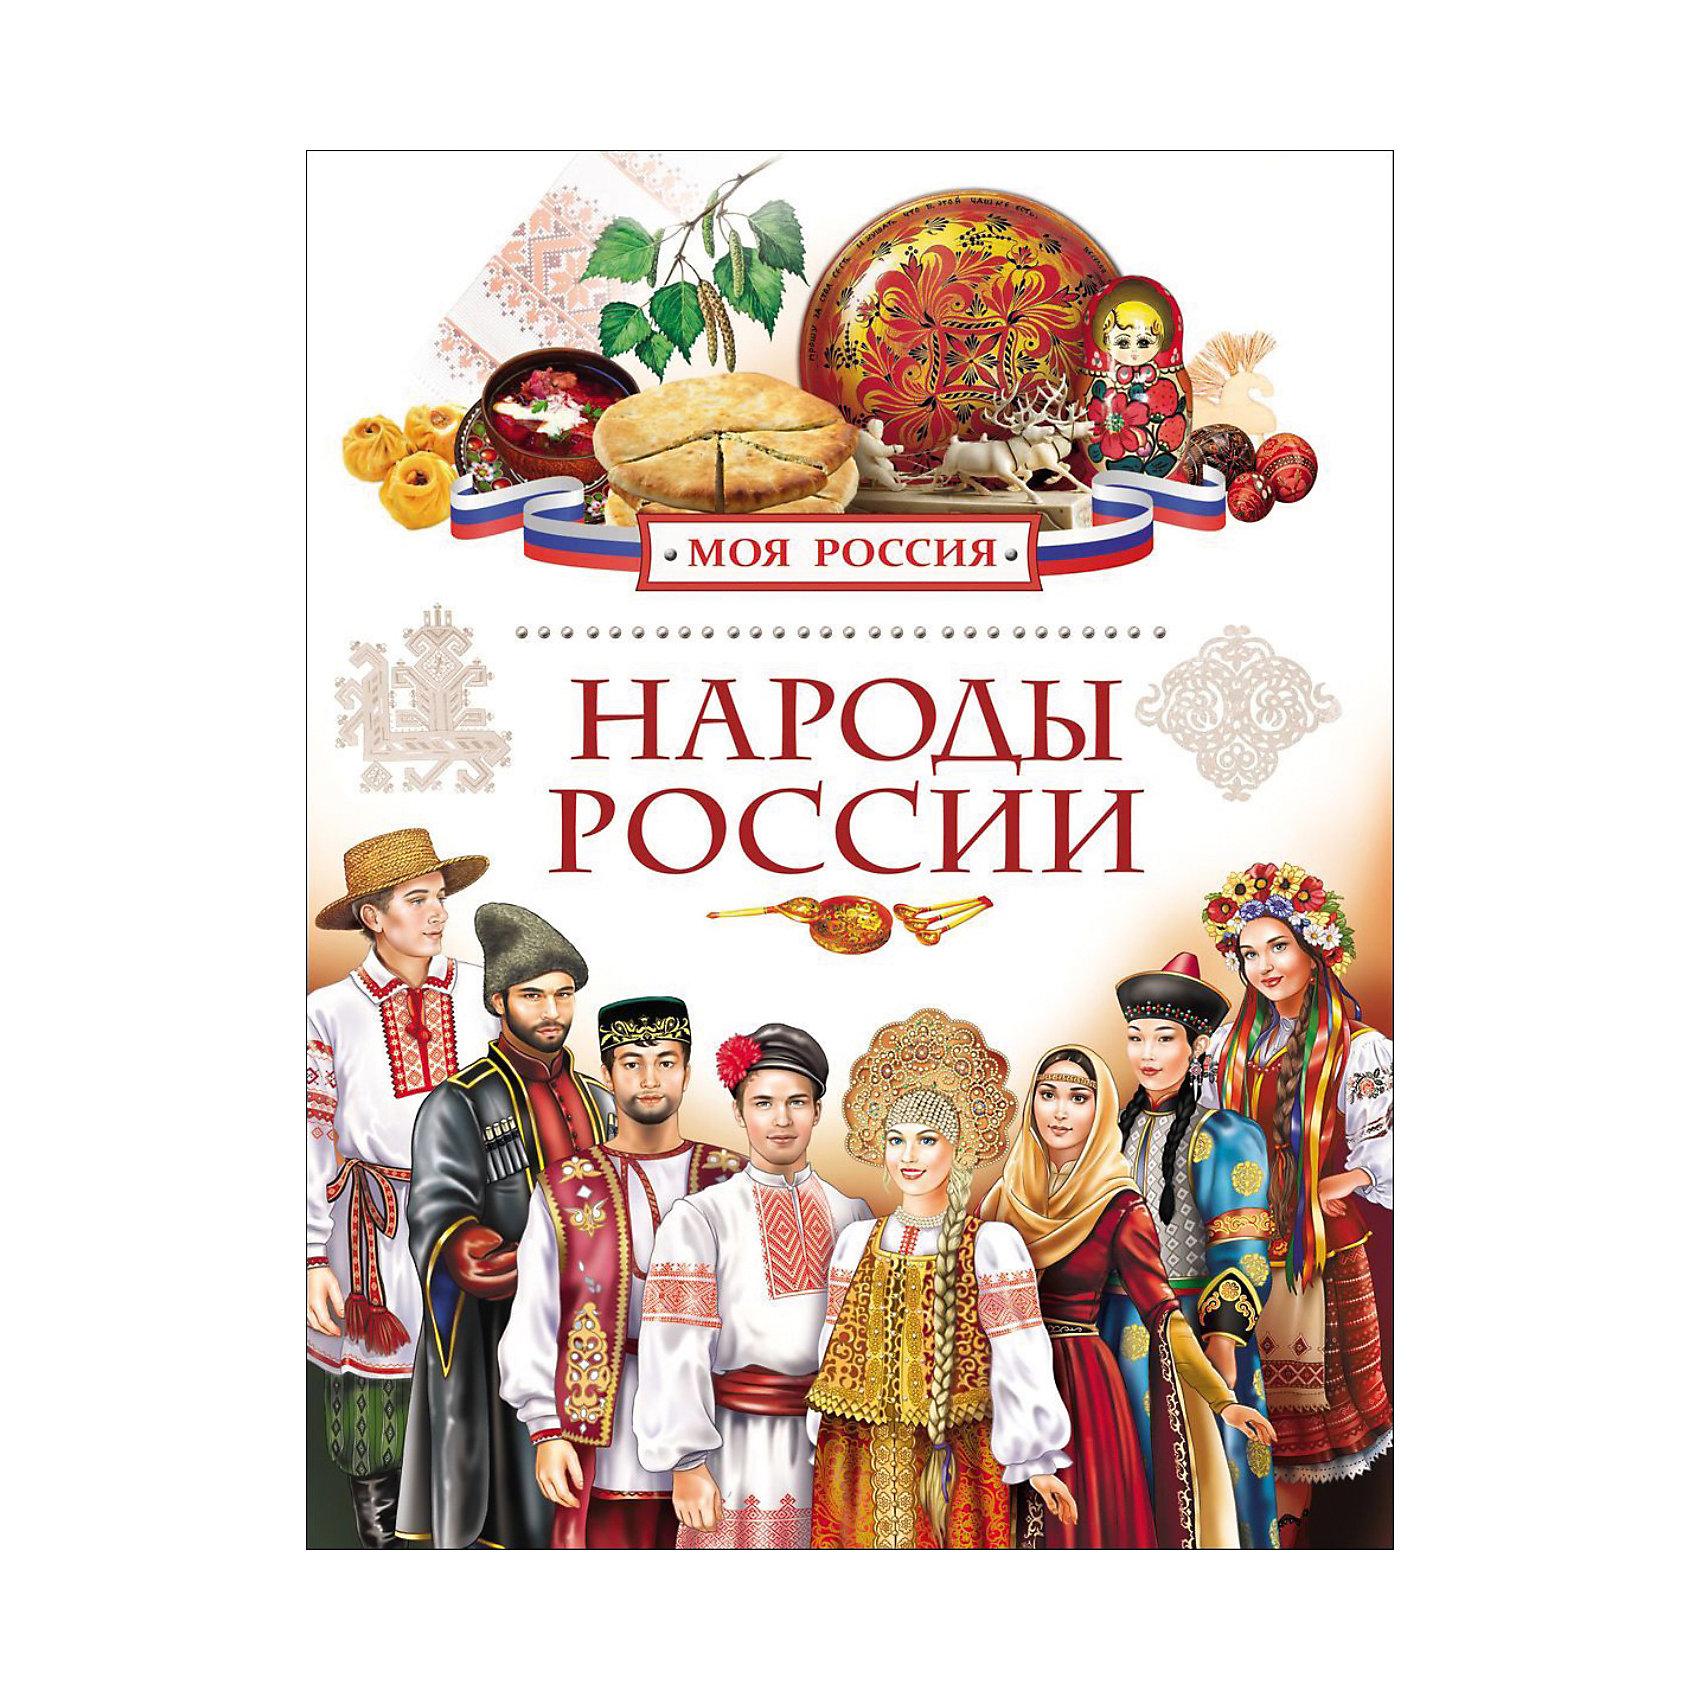 Народы России, Моя Россия